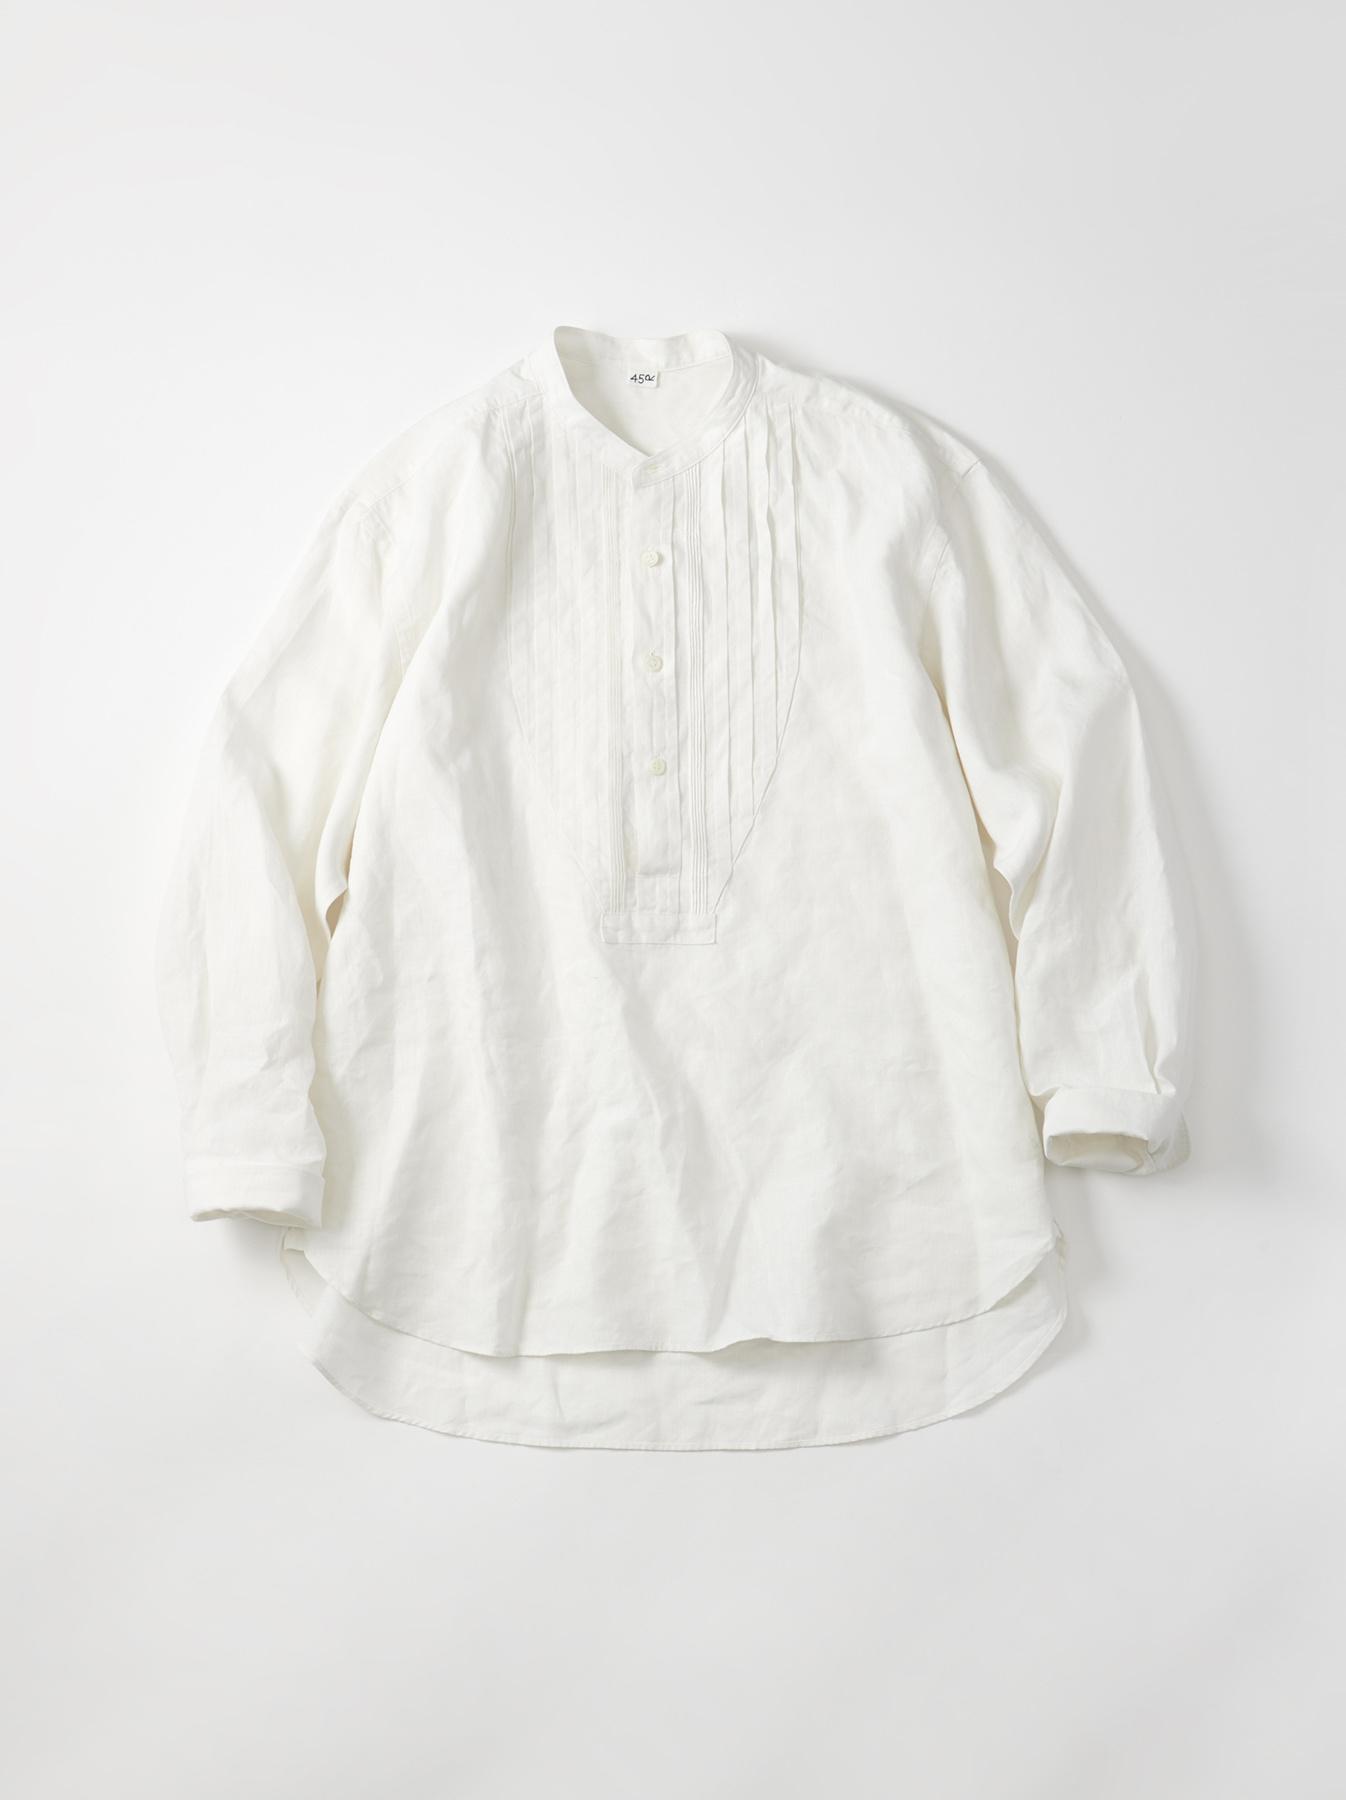 WH Linen Pin-tuck 908 Shirt-1